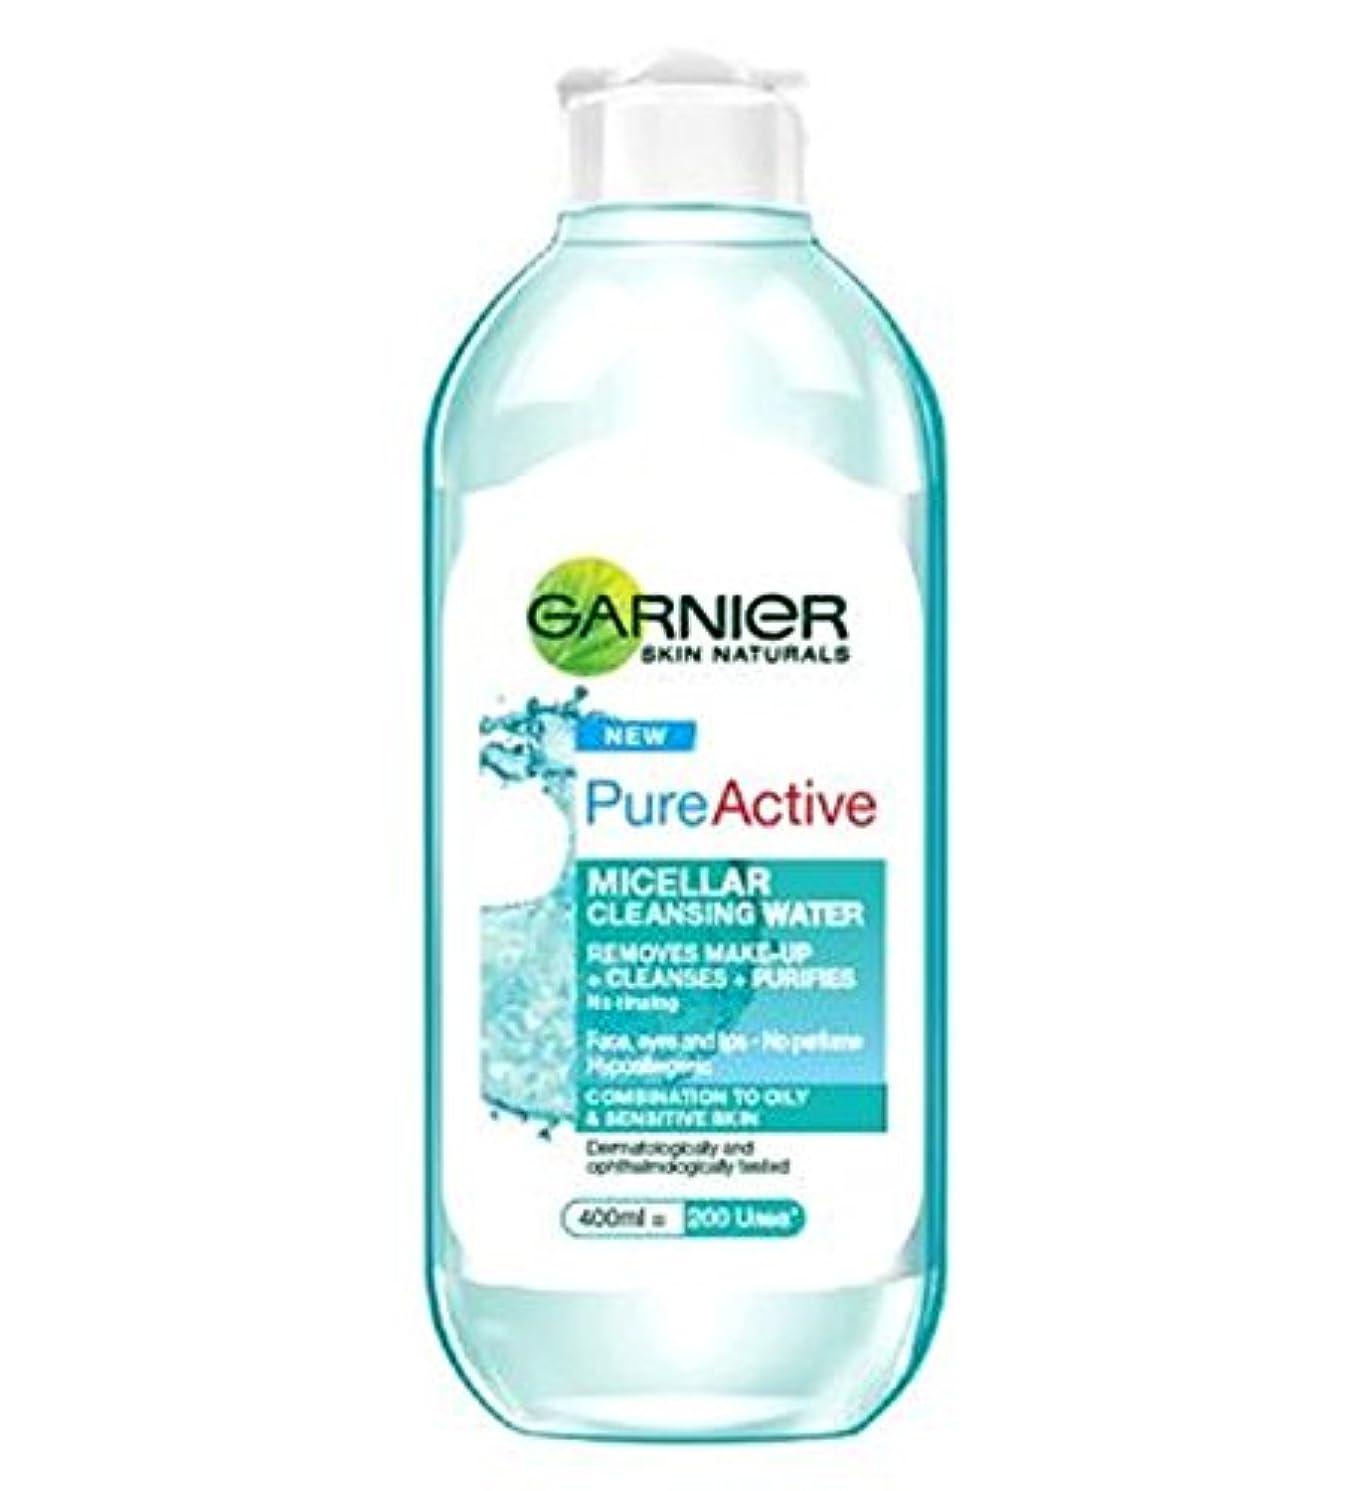 微弱マナーテーブルを設定するガルニエ純粋なミセル洗浄水400ミリリットル (Garnier) (x2) - Garnier Pure Micellar Cleansing Water 400ml (Pack of 2) [並行輸入品]